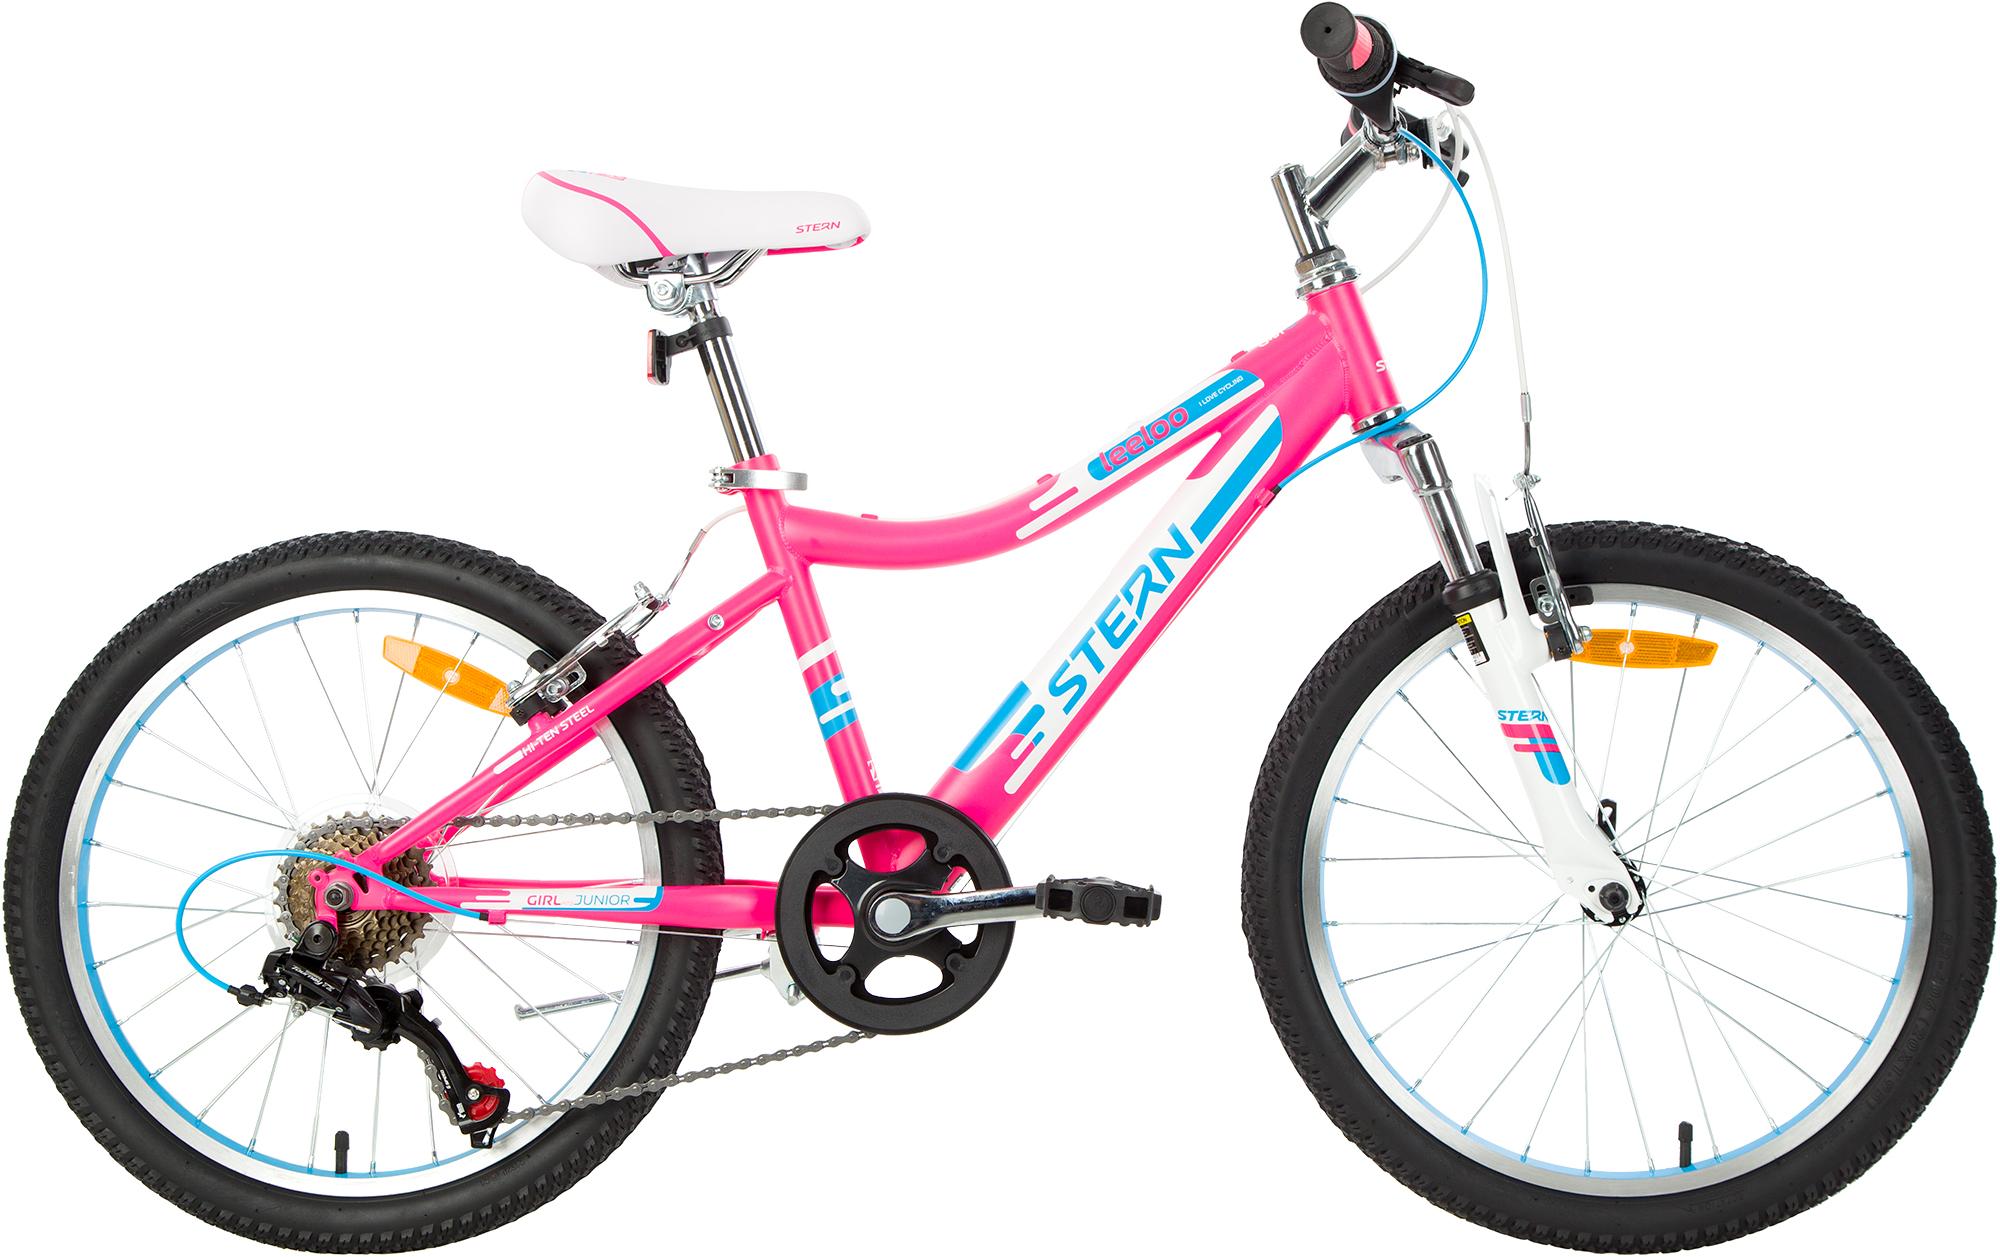 Stern Велосипед подростковый женский Stern Leeloo 20 цена